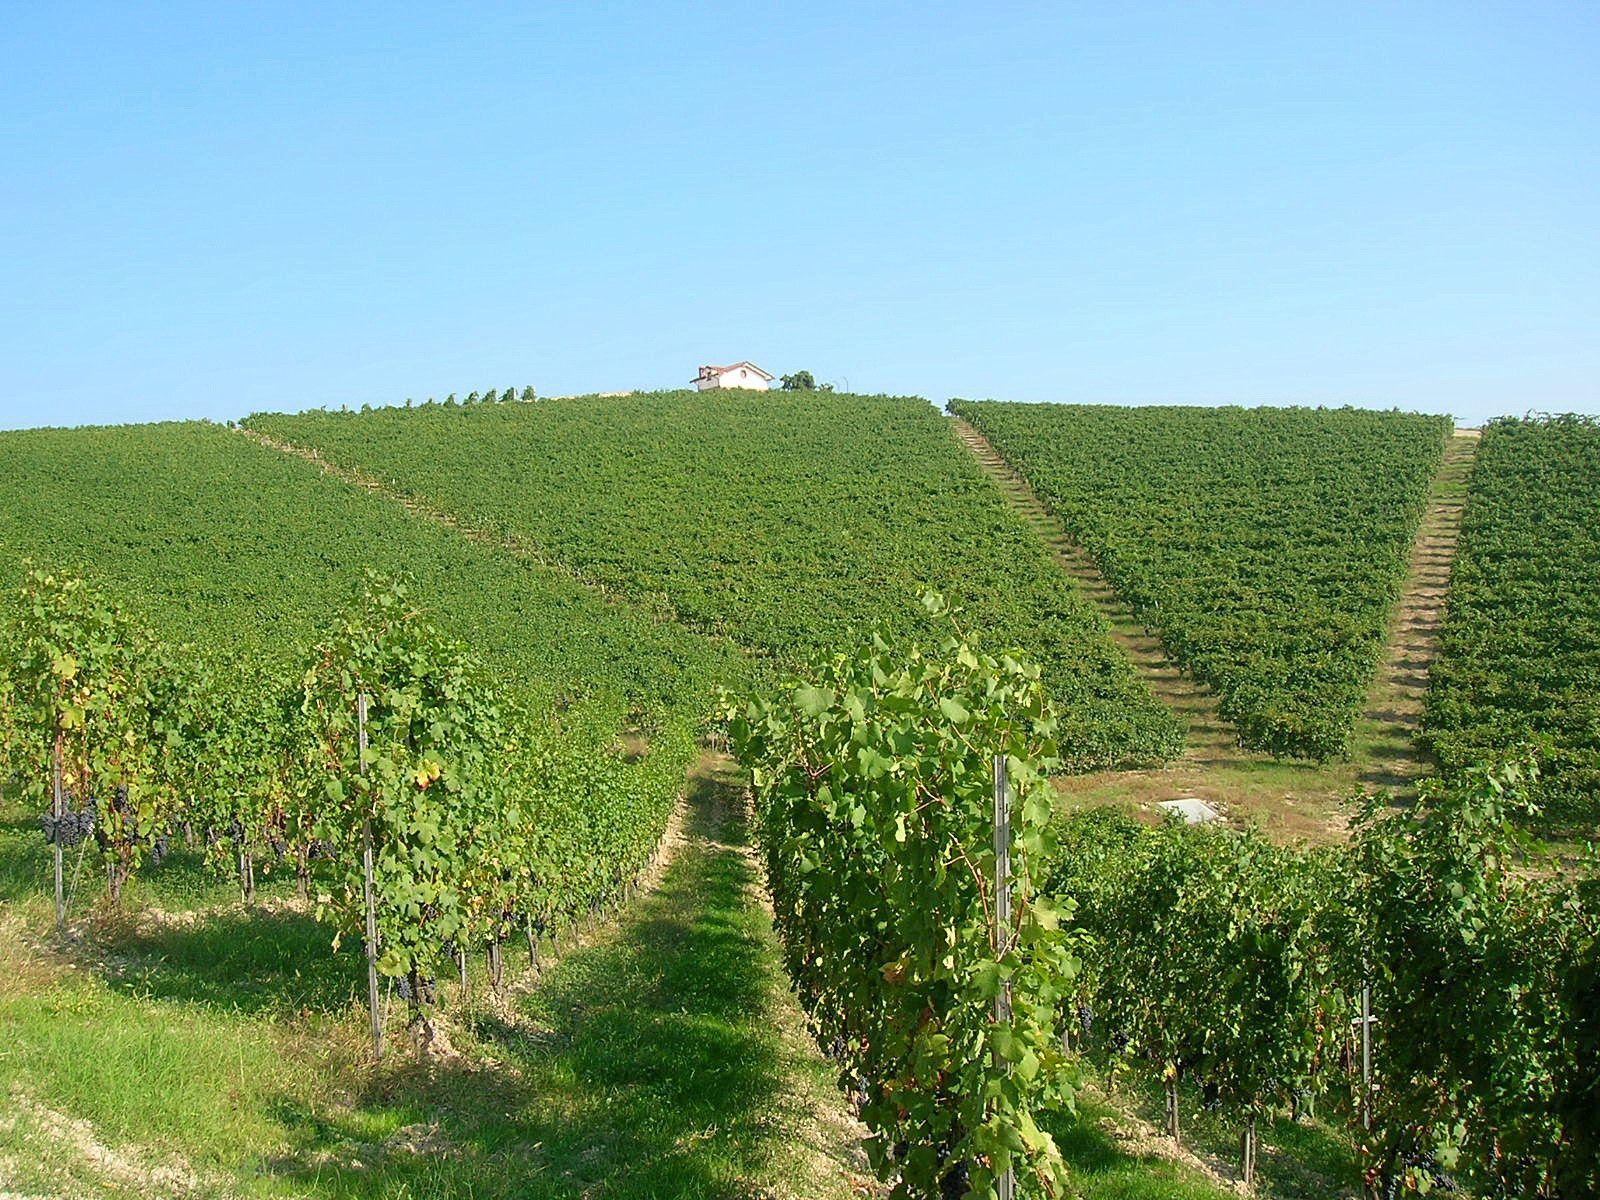 Nervi´s vigneto Molsino - natural South facing amphitheatre - 10 ha of Nebbiolo vines